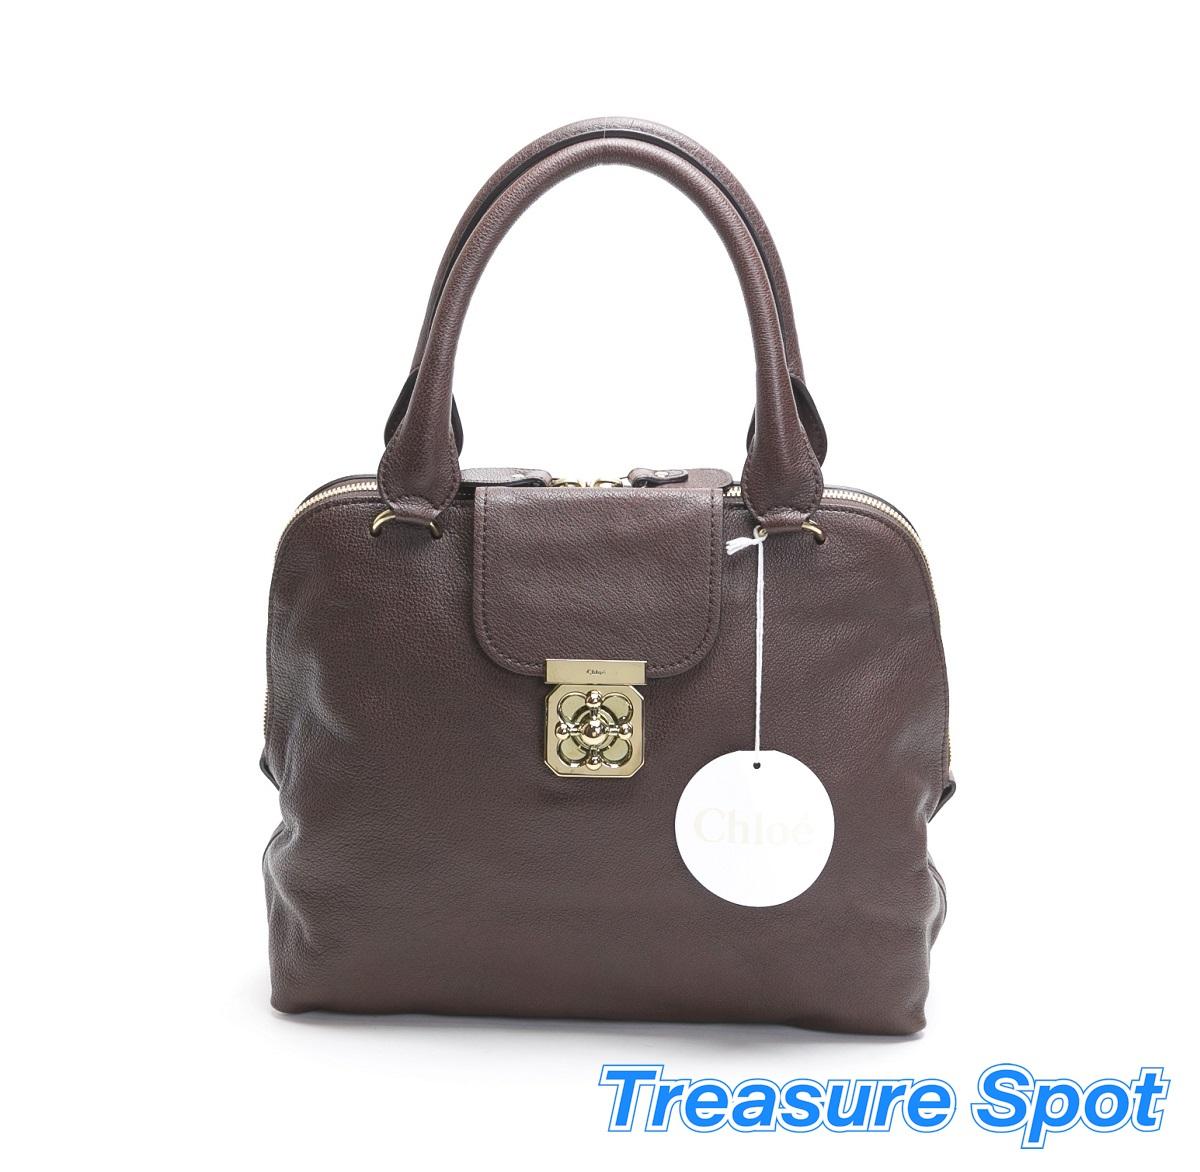 クロエ Chloé トートバッグ レザー ブラウン 茶色 チョコレート ハンドバッグ 【トレジャースポット】【中古】